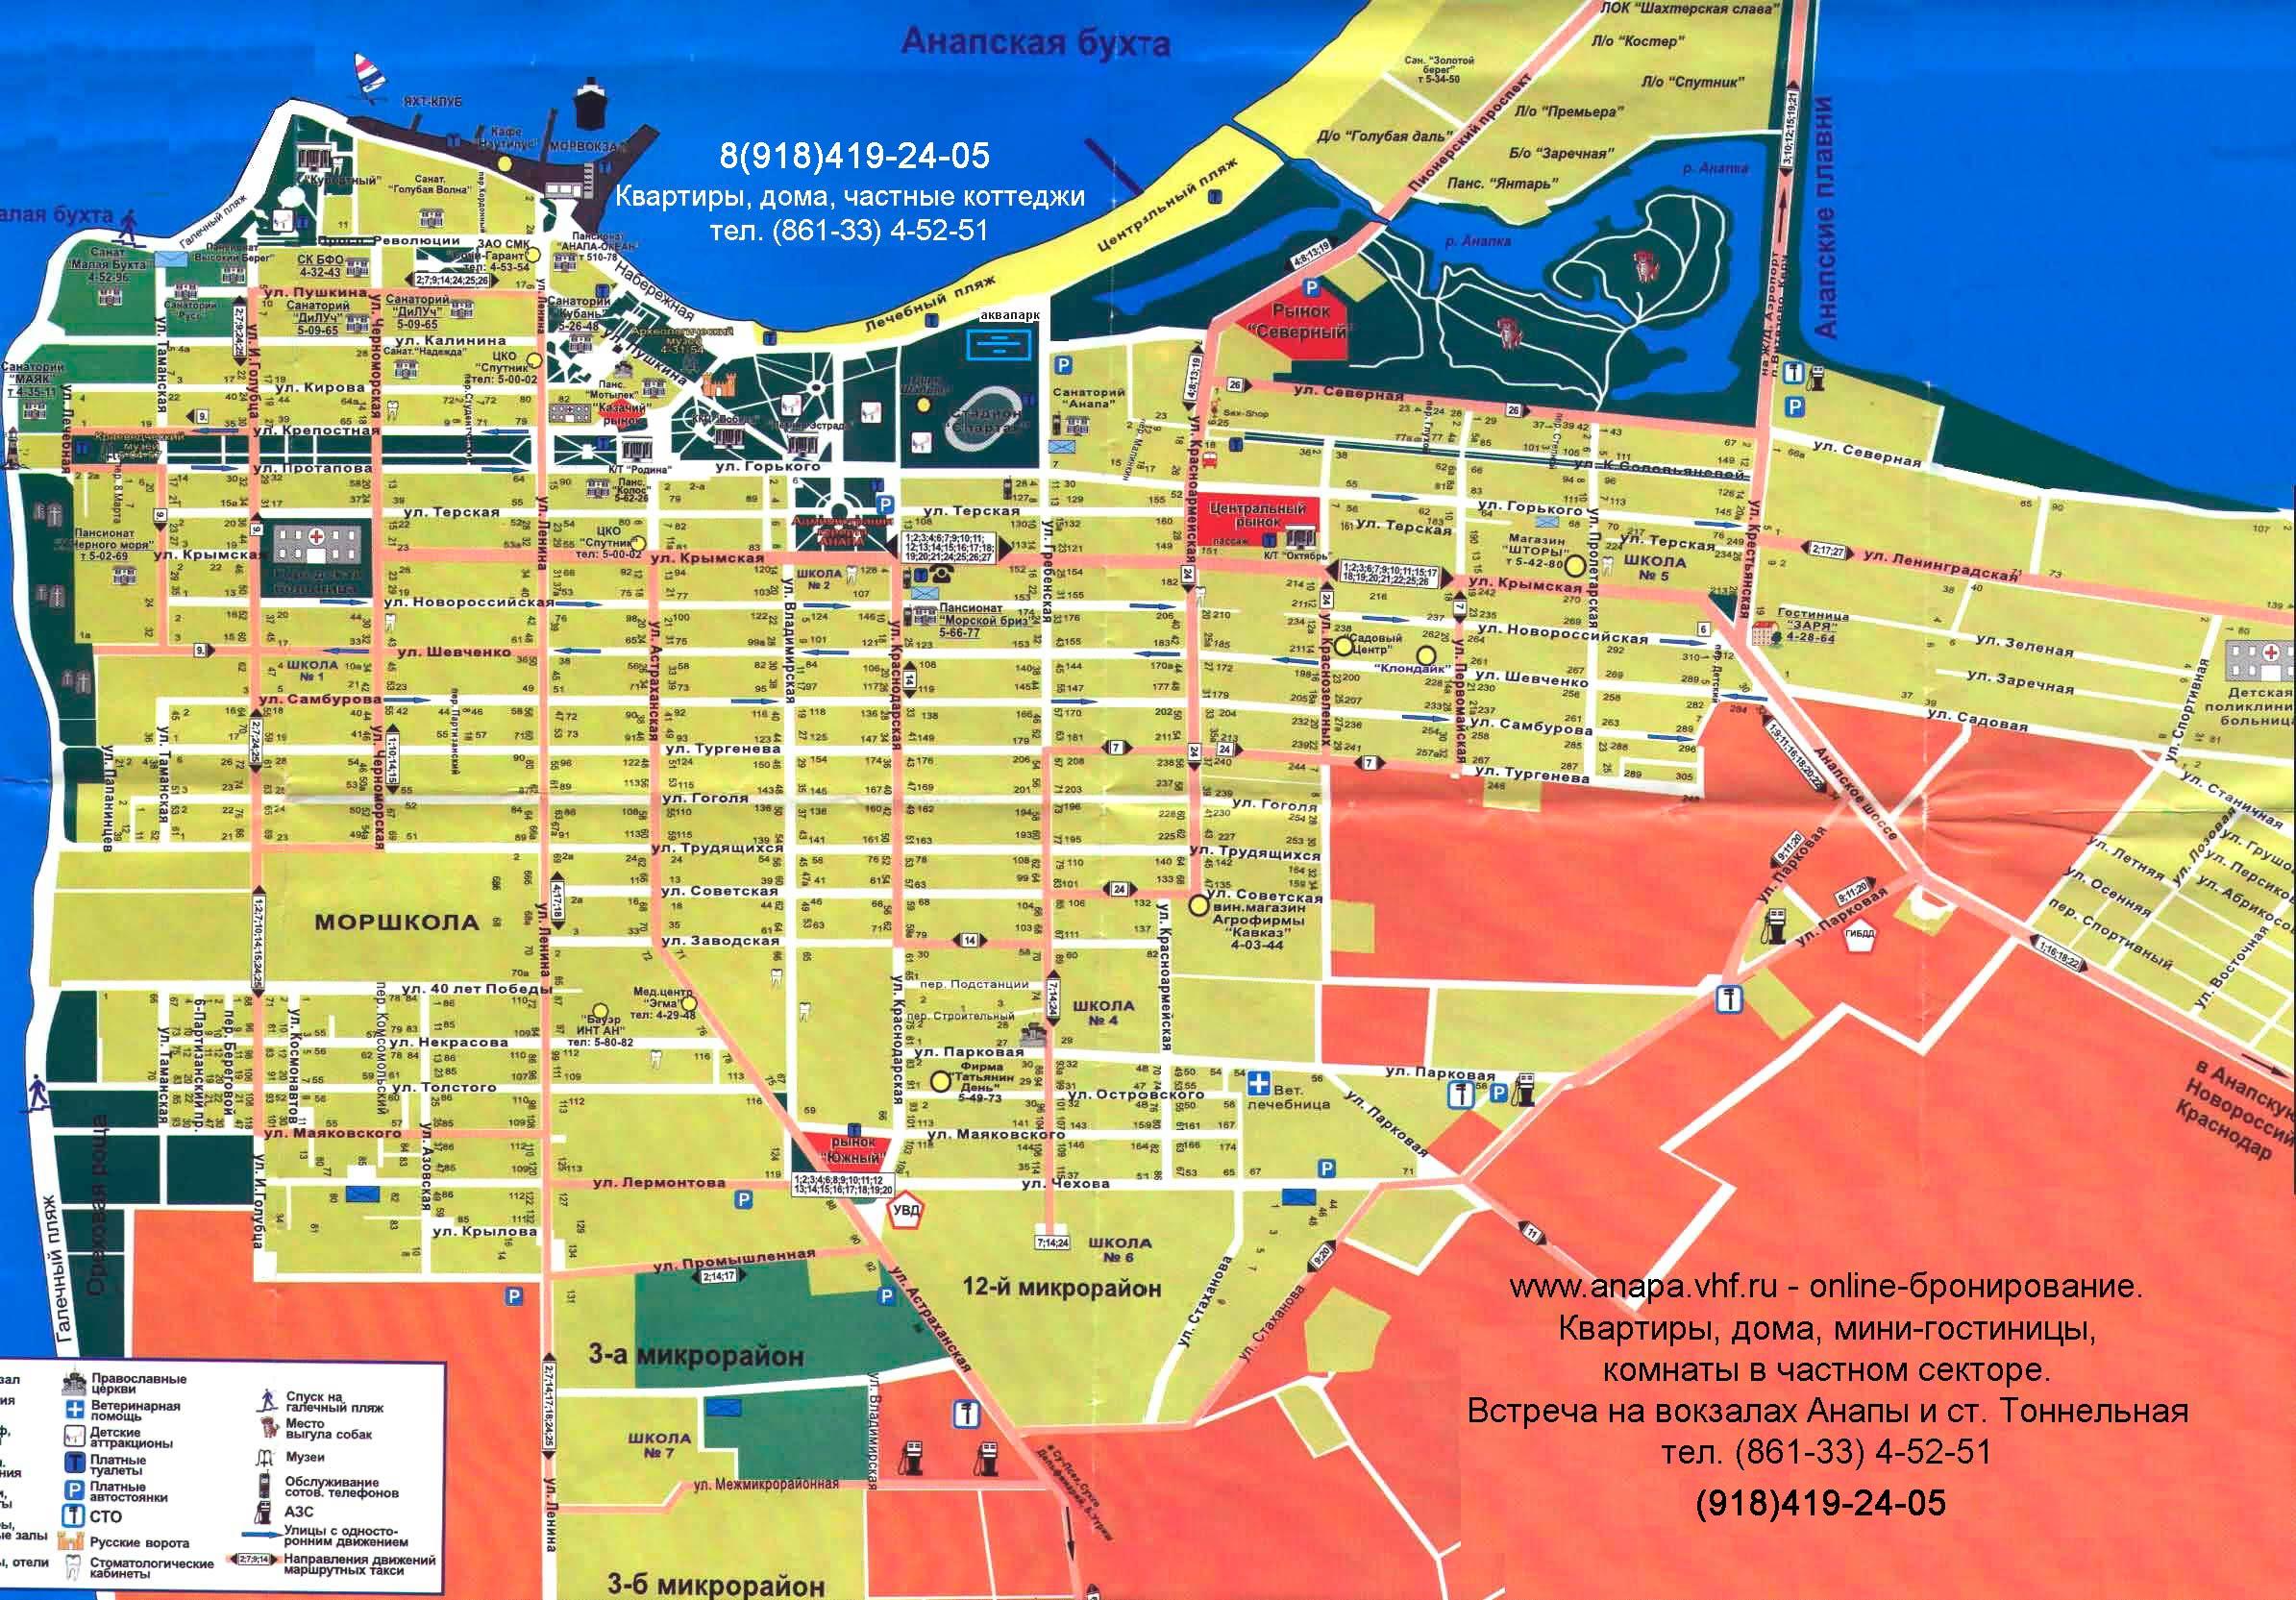 Карта города Анапа, цены на отдых в.